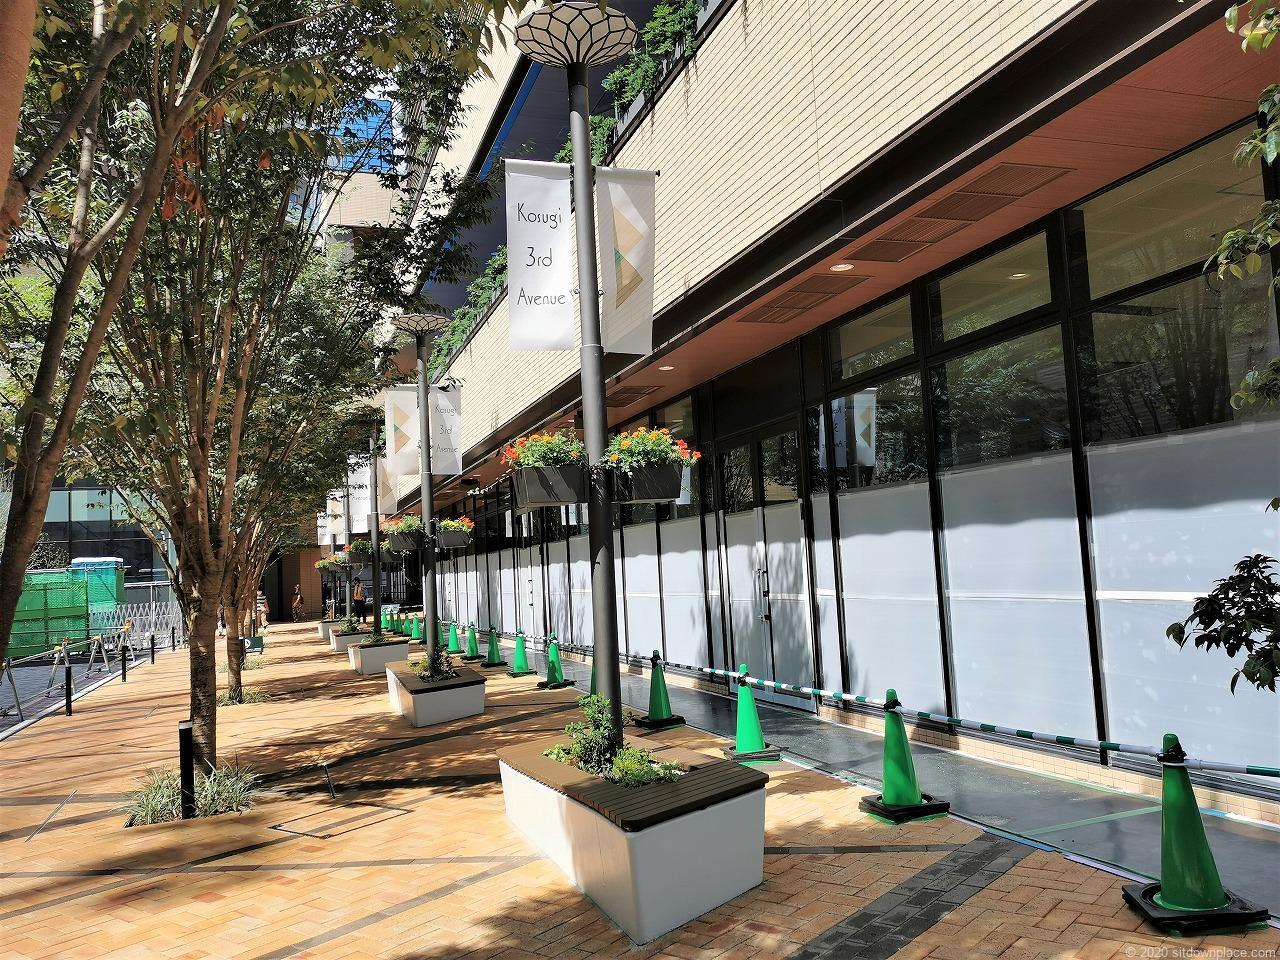 武蔵小杉駅 コスギサードアベニュー 商店街側の外観